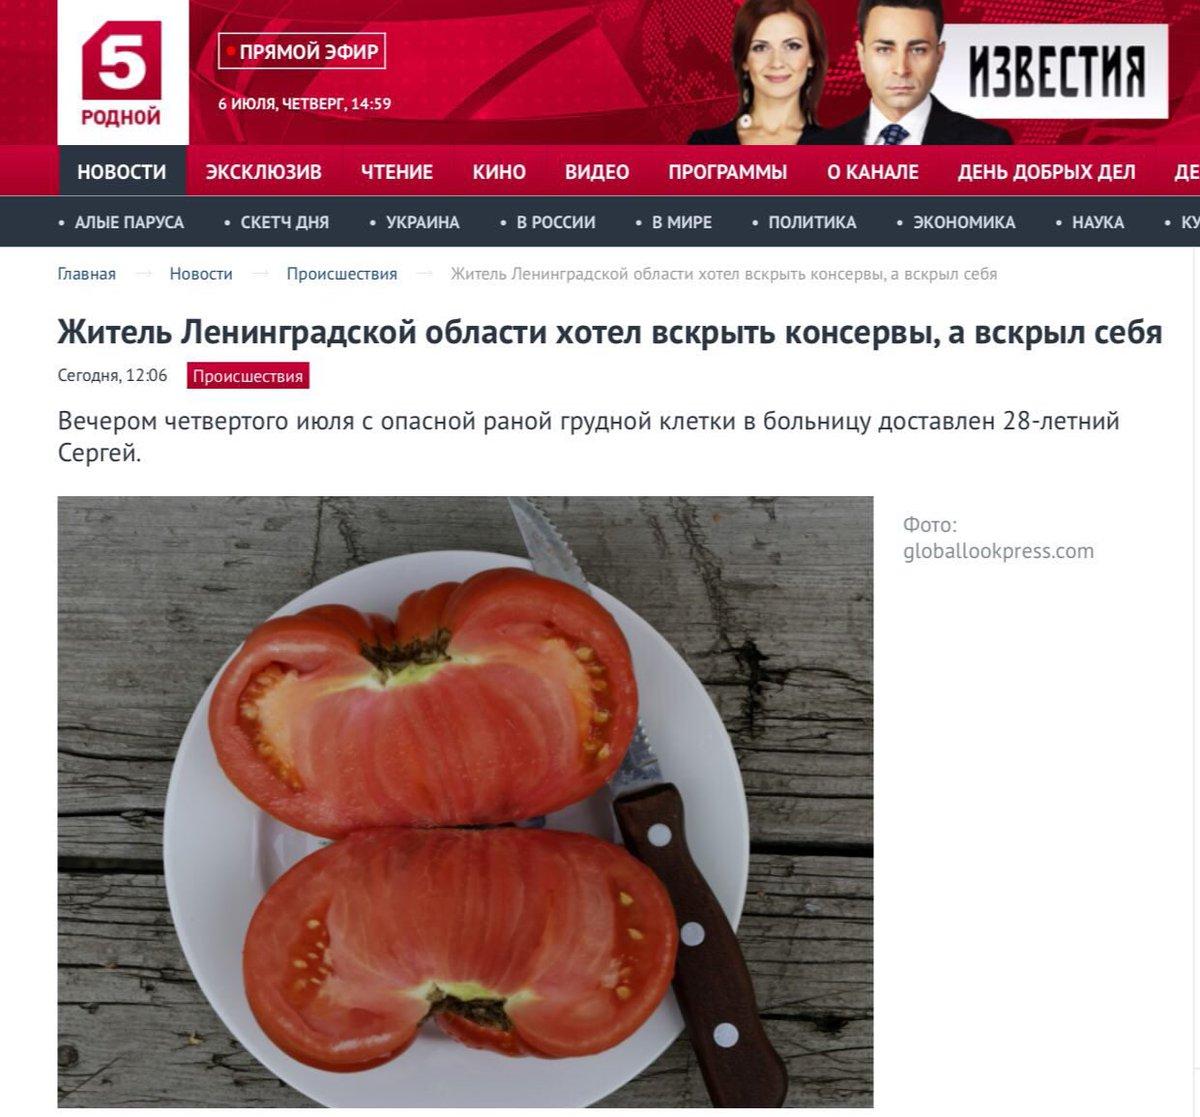 Катя семенова твиттер